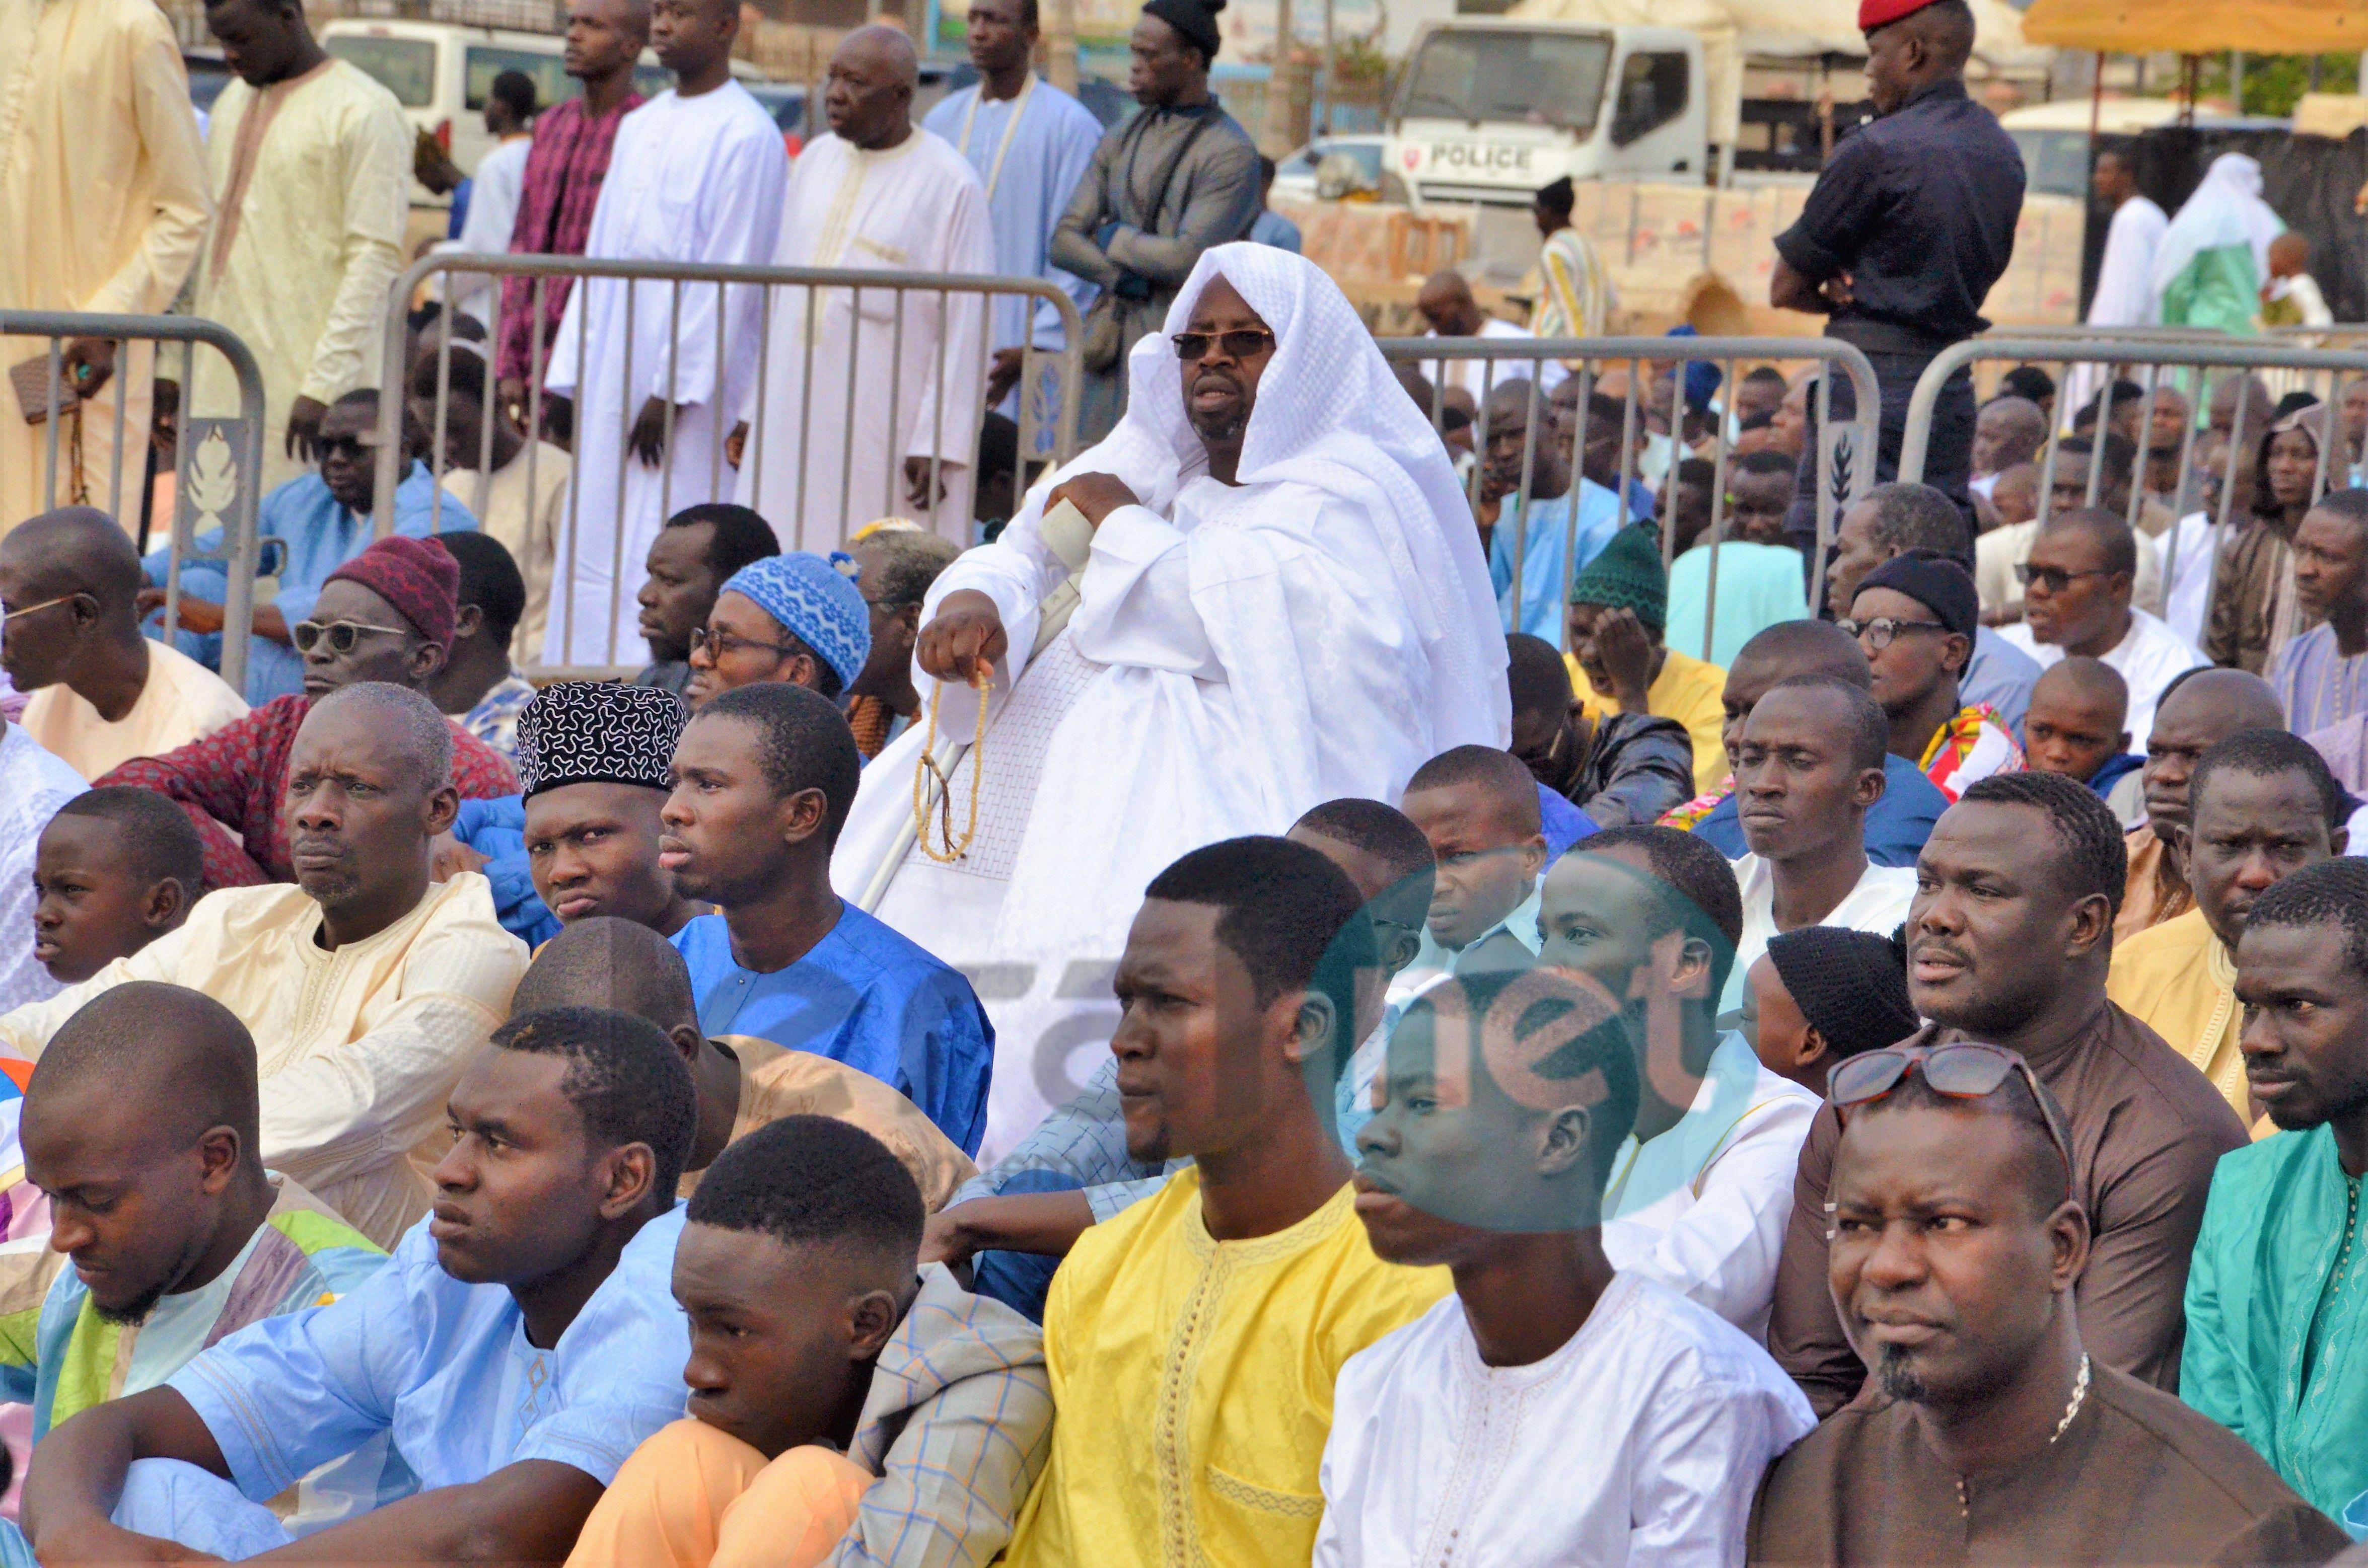 Les images de la prière de Korité à la Mosquée Massalikoul Jinane